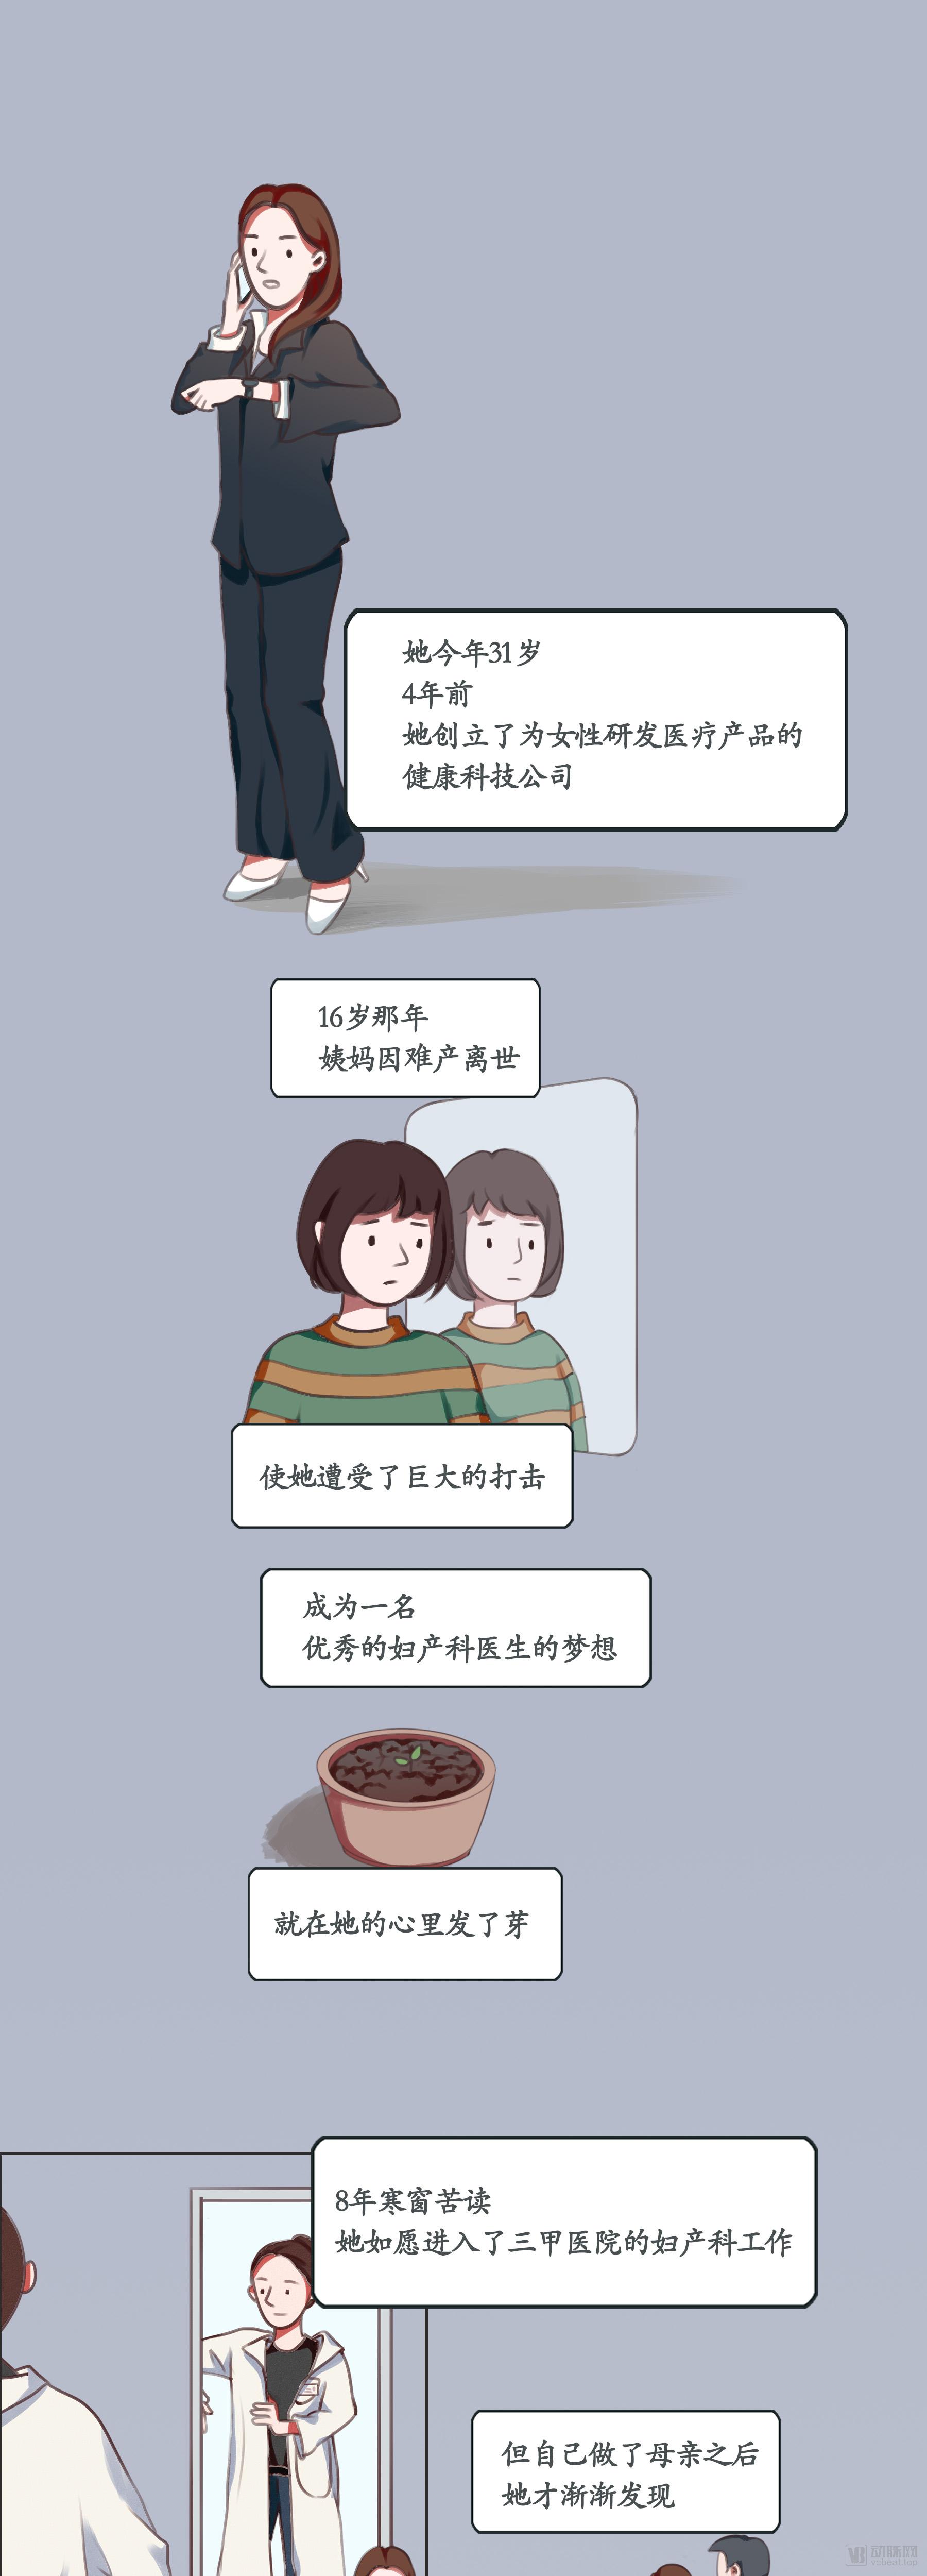 融资篇预览_01.jpg